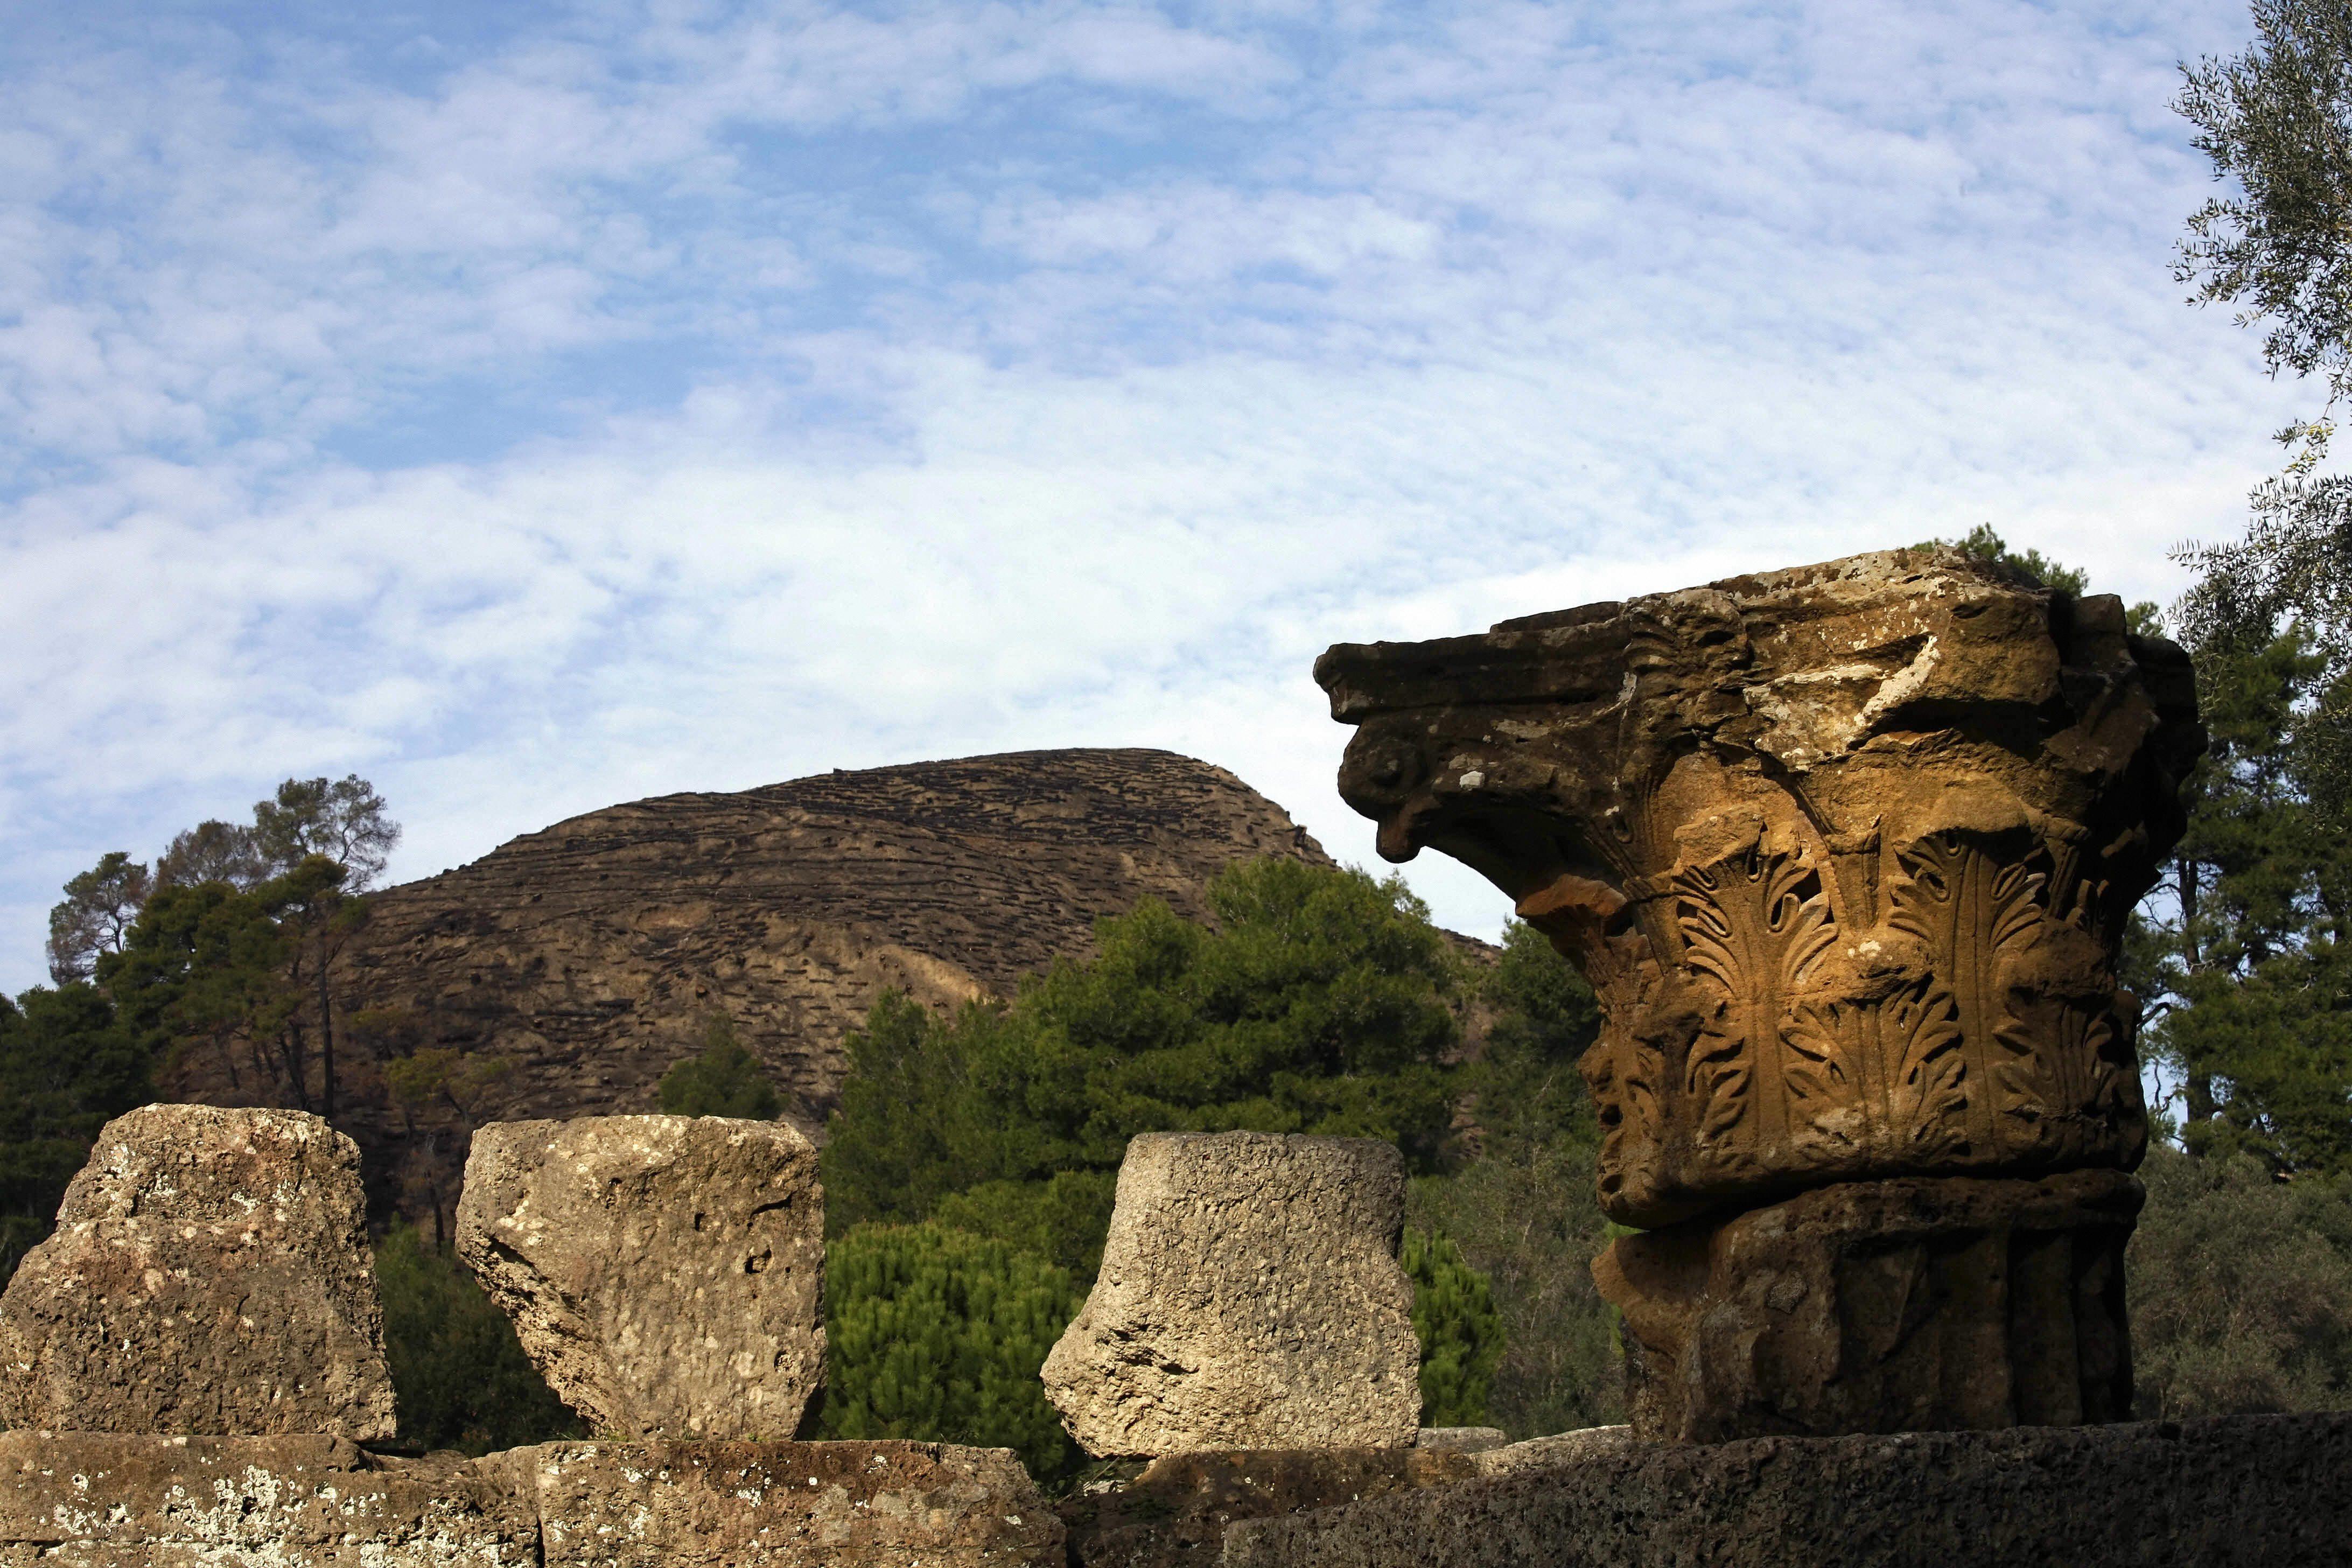 Risultati immagini per rinvenuta tavoletta con versi dell'Odissea